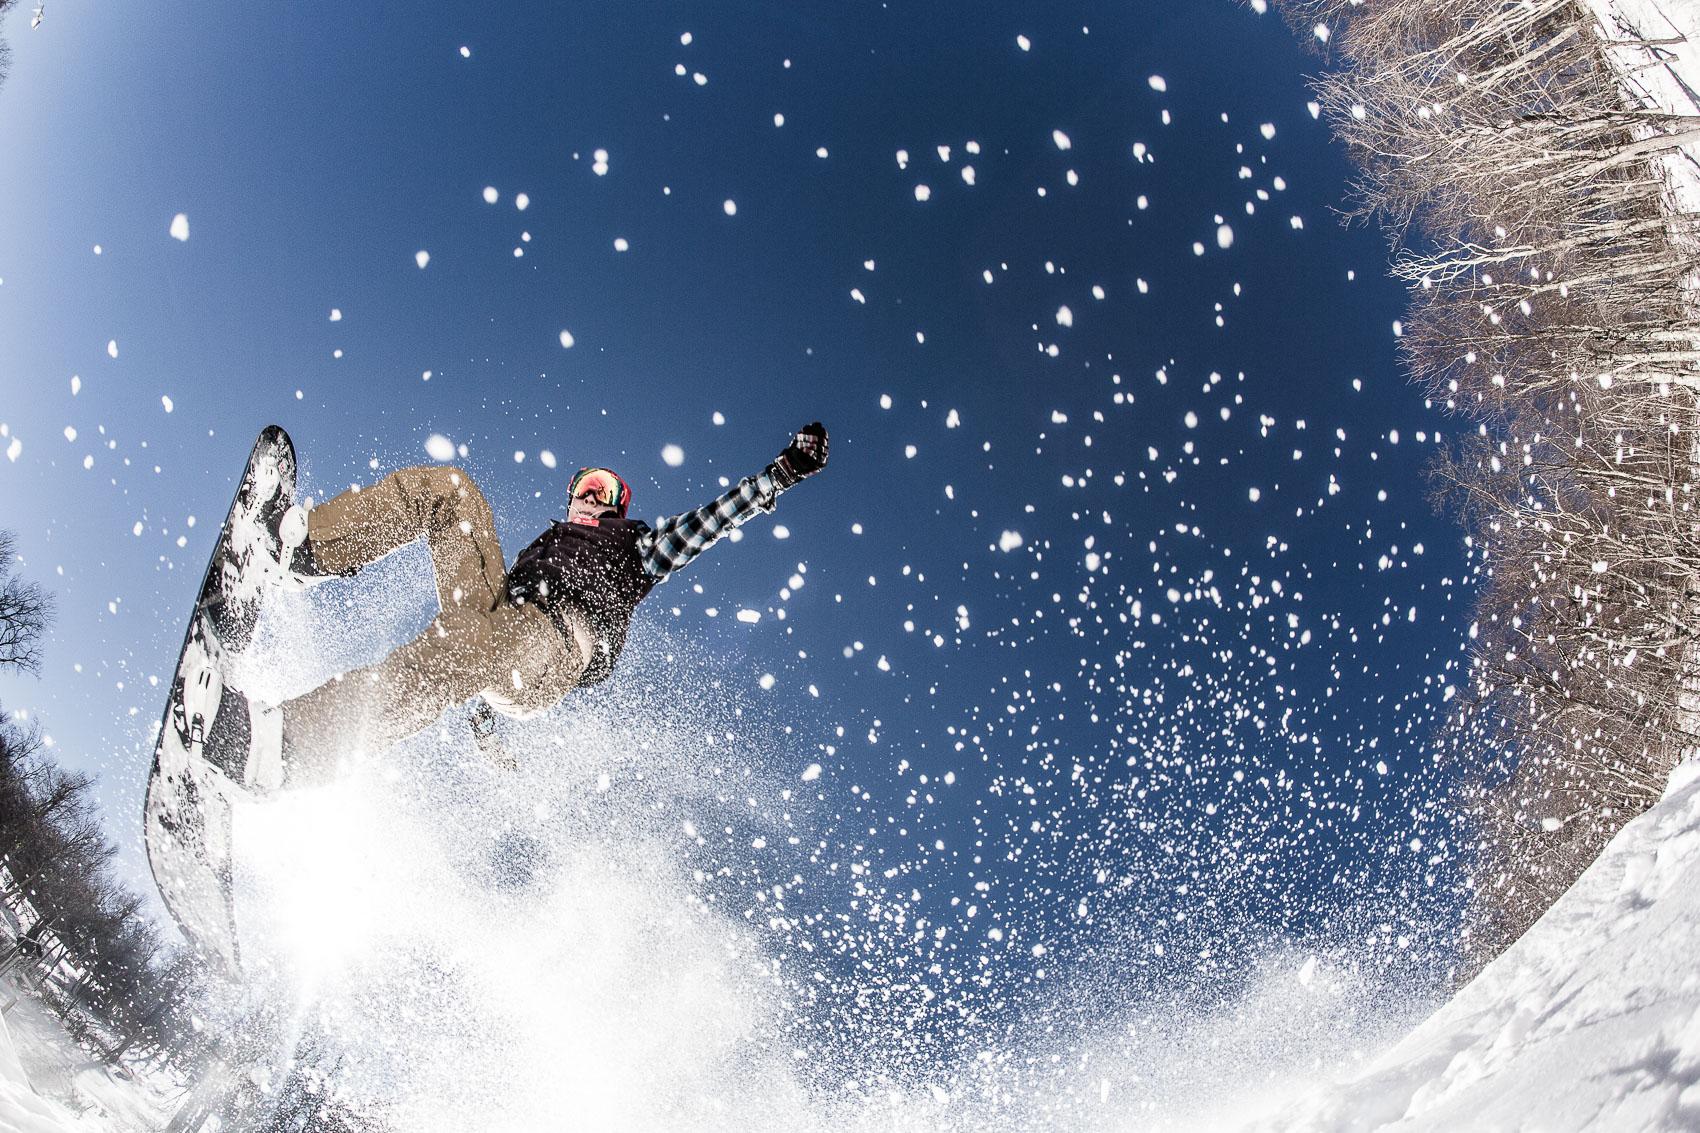 010715-ski-nc-4945